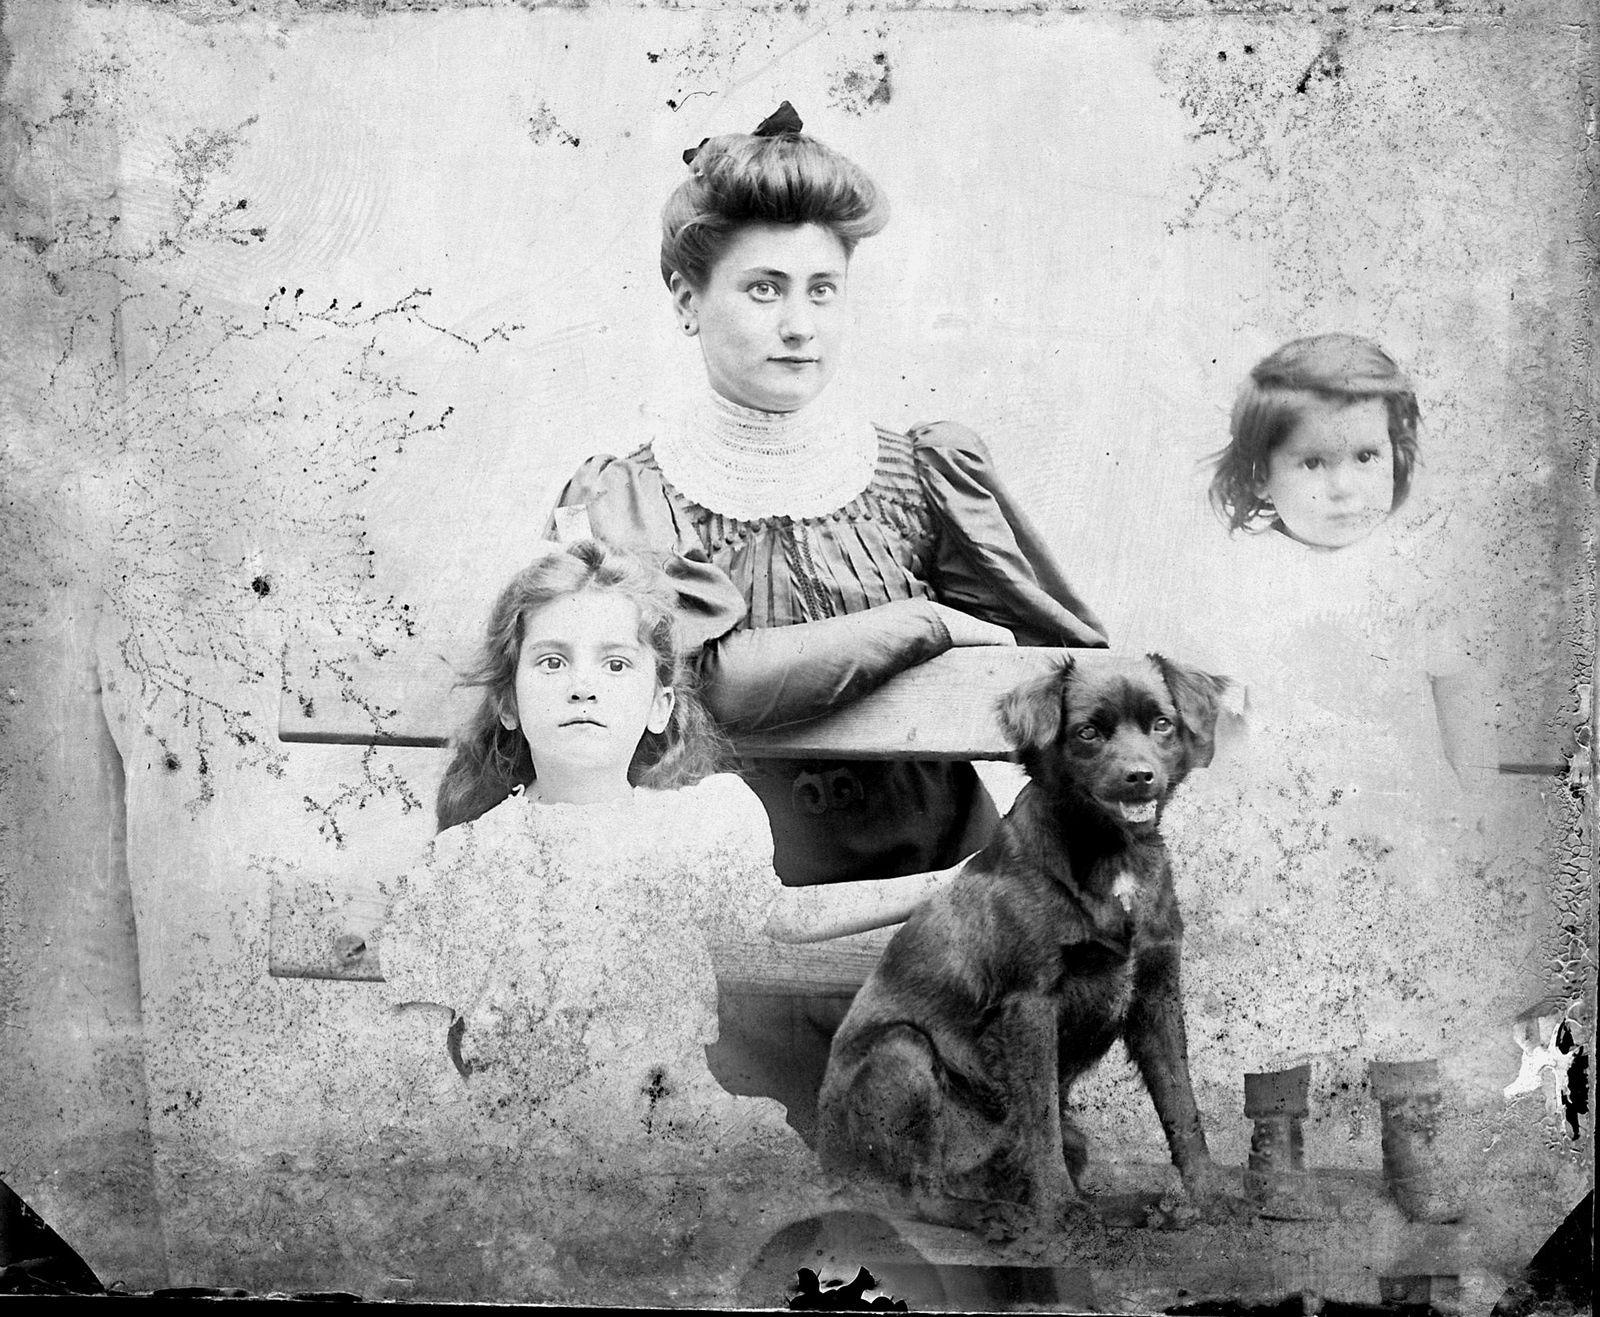 Photographies sur plaques de verre réalisées par mon grand père maternel, Etienne Ferlat en 1918